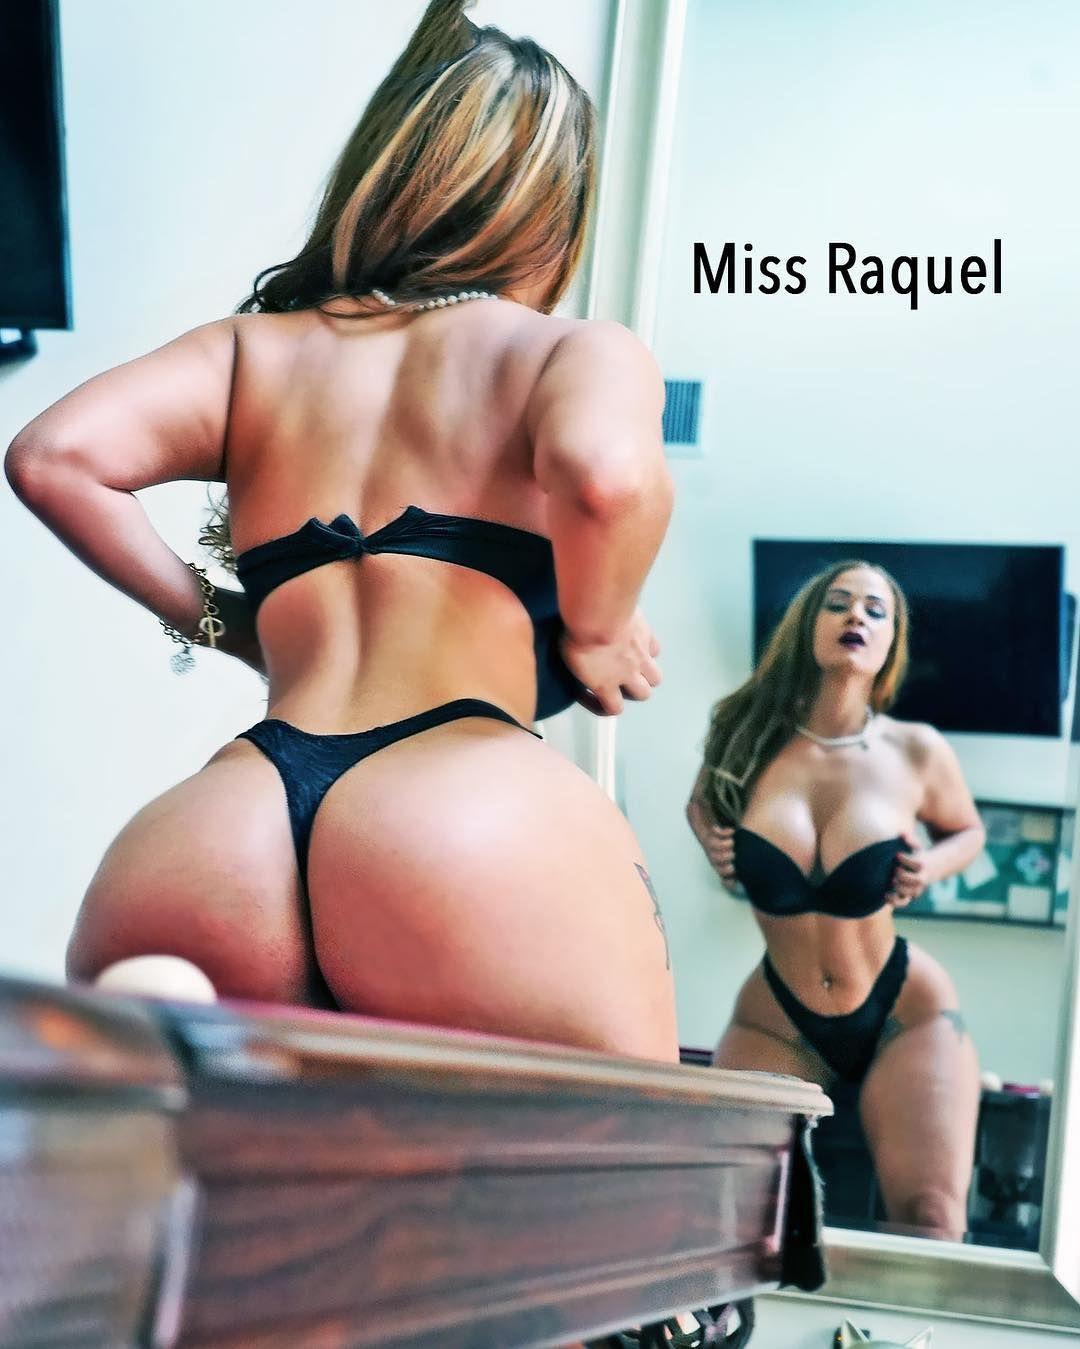 Miss Raquel No Way Back